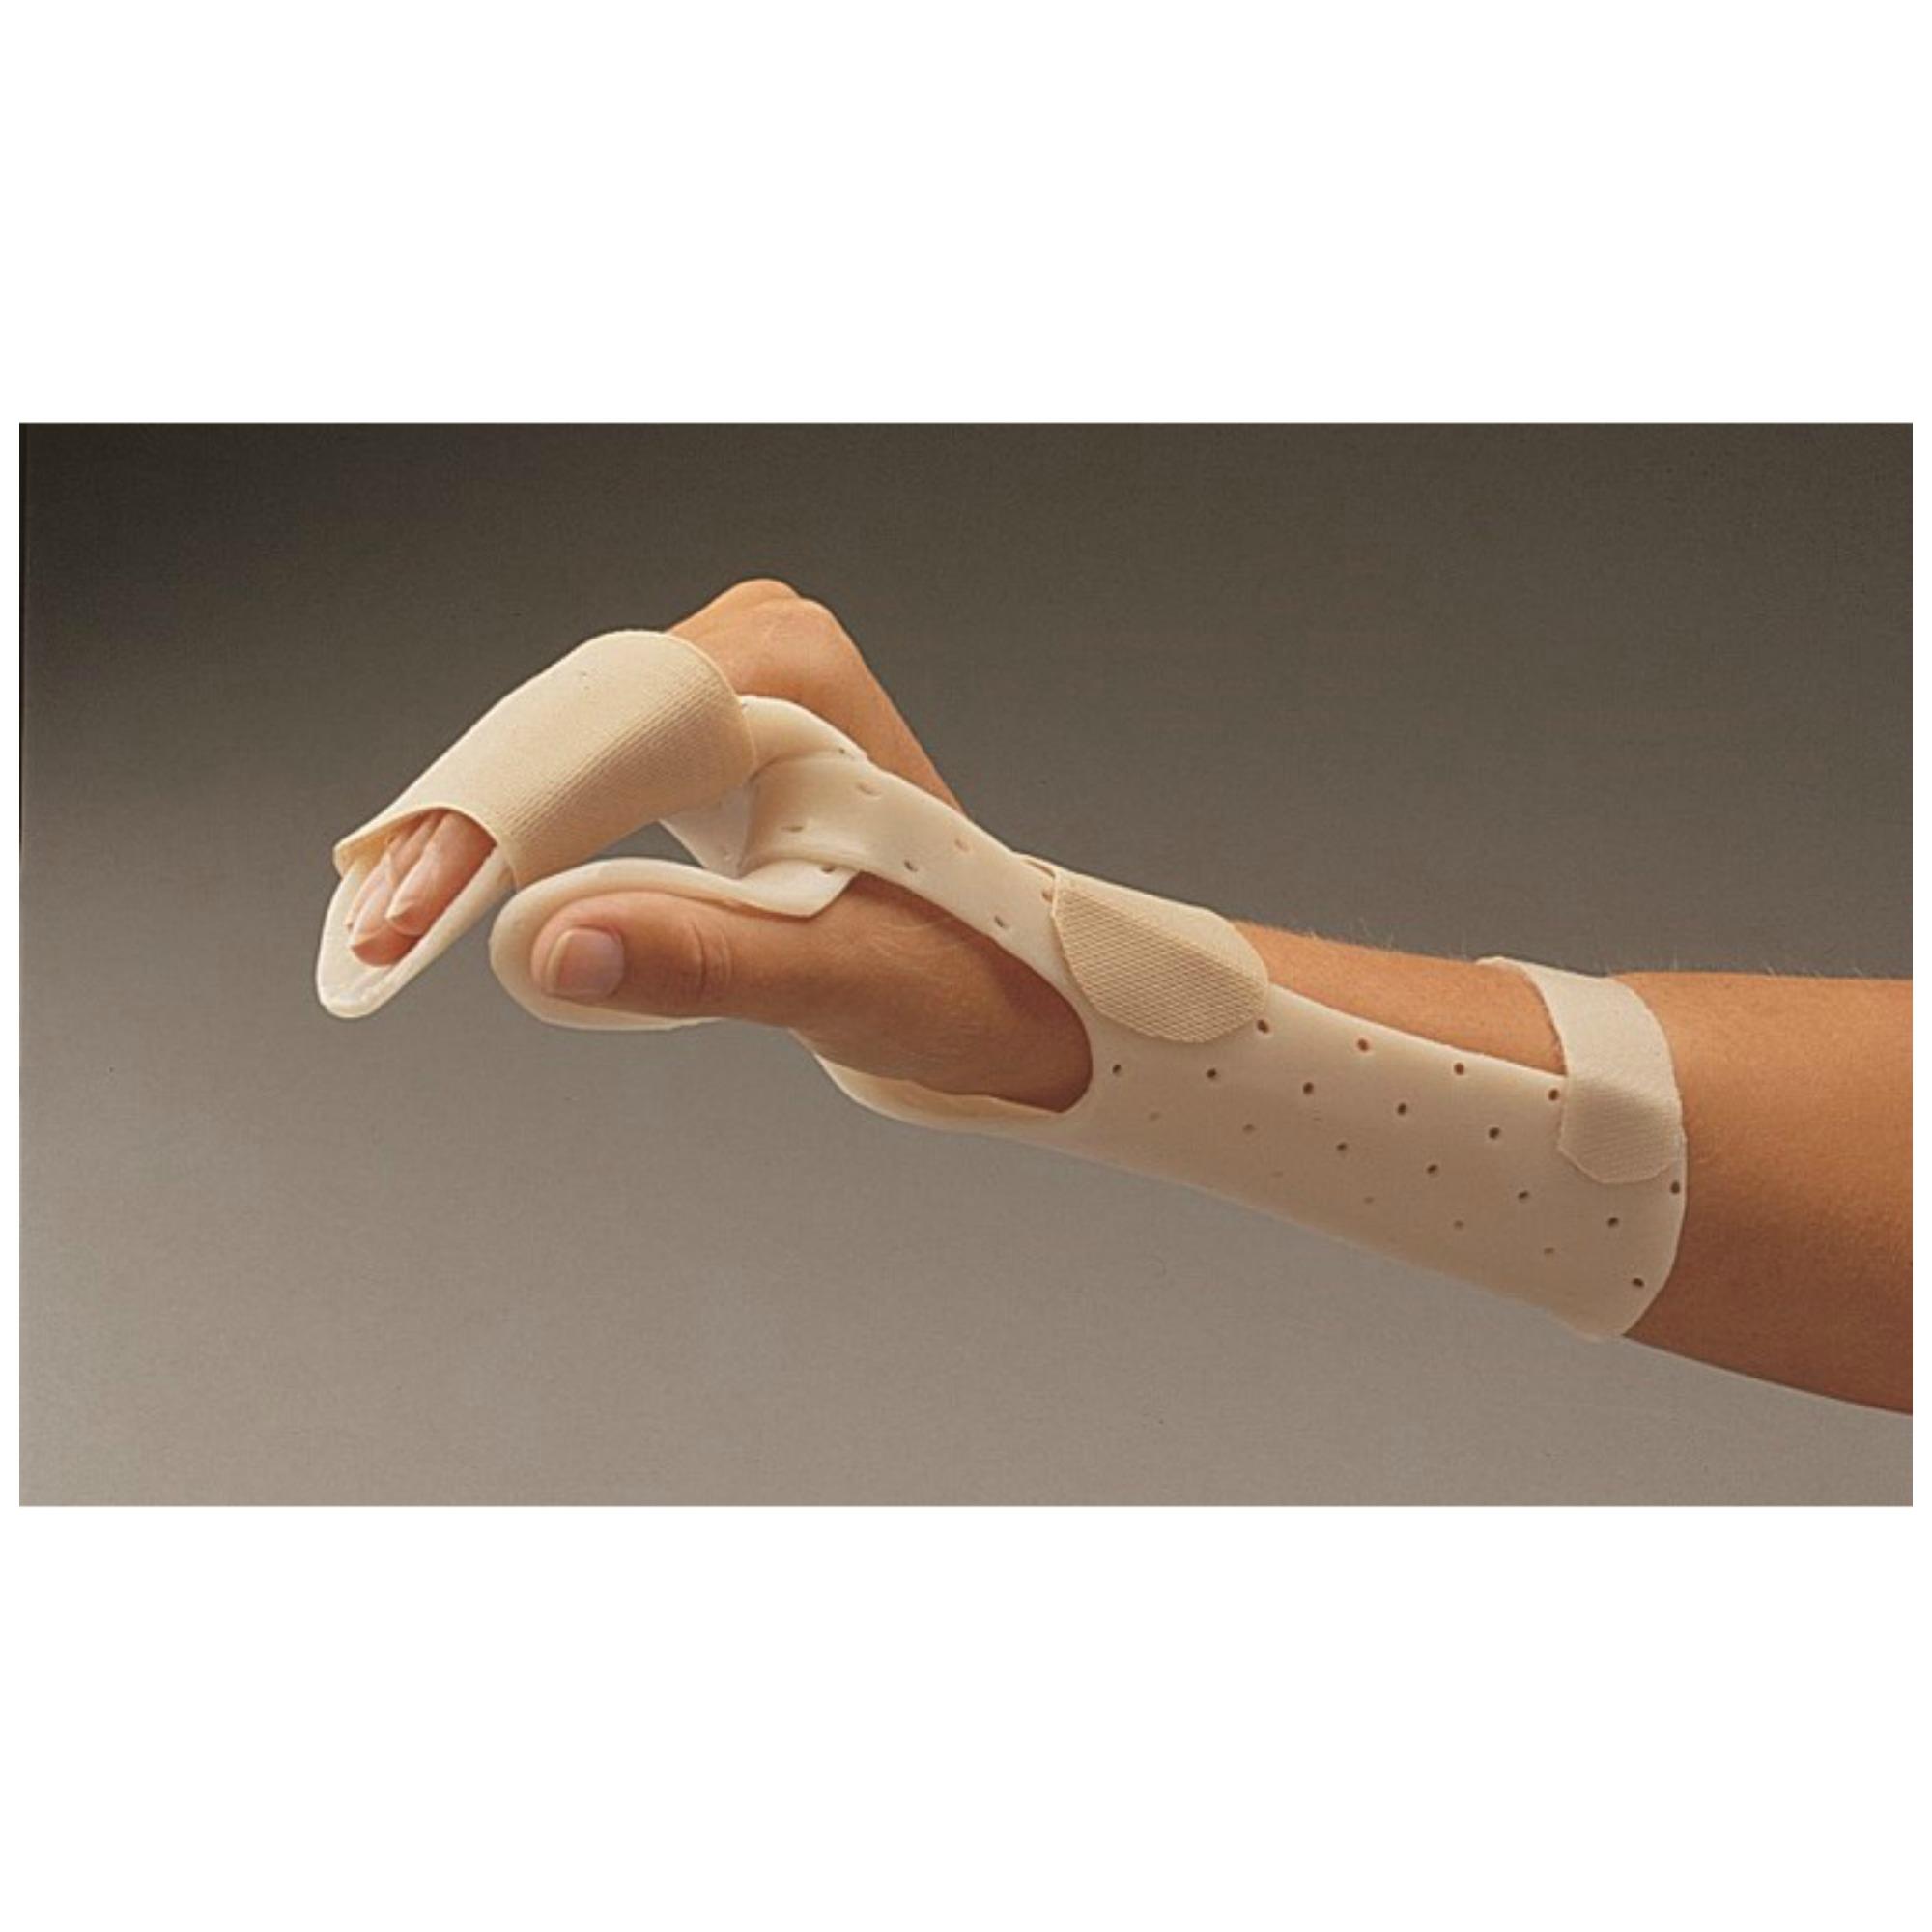 váll artrózis kezelésére szolgáló készülékek váll diszlokációs kezelés